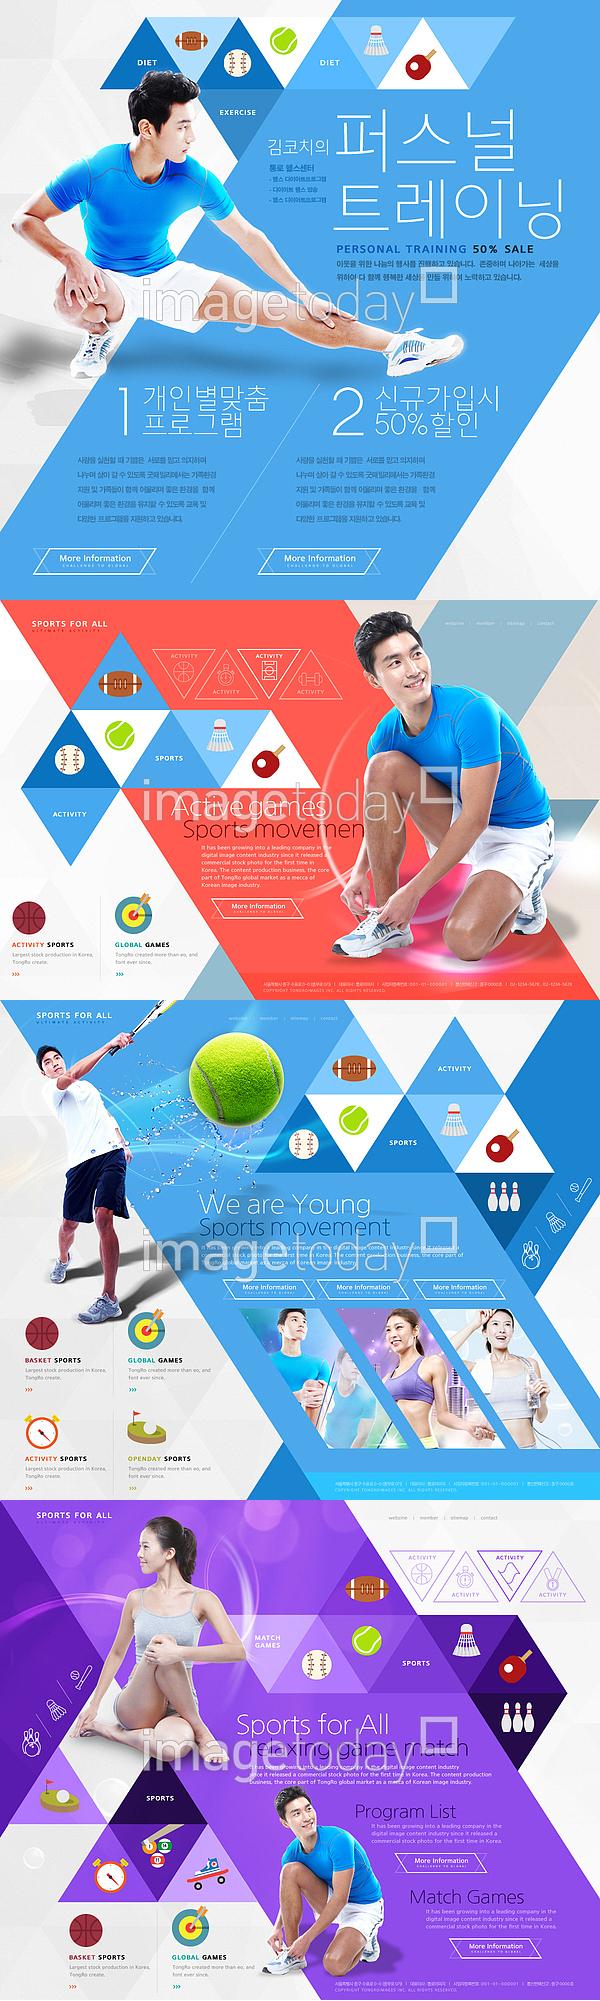 웹콘텐츠 #이미지투데이 #imagetoday #클립아트코리아 #clipartkorea #통로이미지 #tongroimages 건강 이벤트페이지 템플릿 웹디자인 웹템플릿 패턴 팝업 운동 헬스 피트니스 즐거움 서브페이지 메인페이지 웹소스 웹사이트 테니스 공 스포츠 스트레칭 health eventpage template web design pattern popup exercise health fitness enjoyment subpage mainpage web source website tennis ball sports stretching